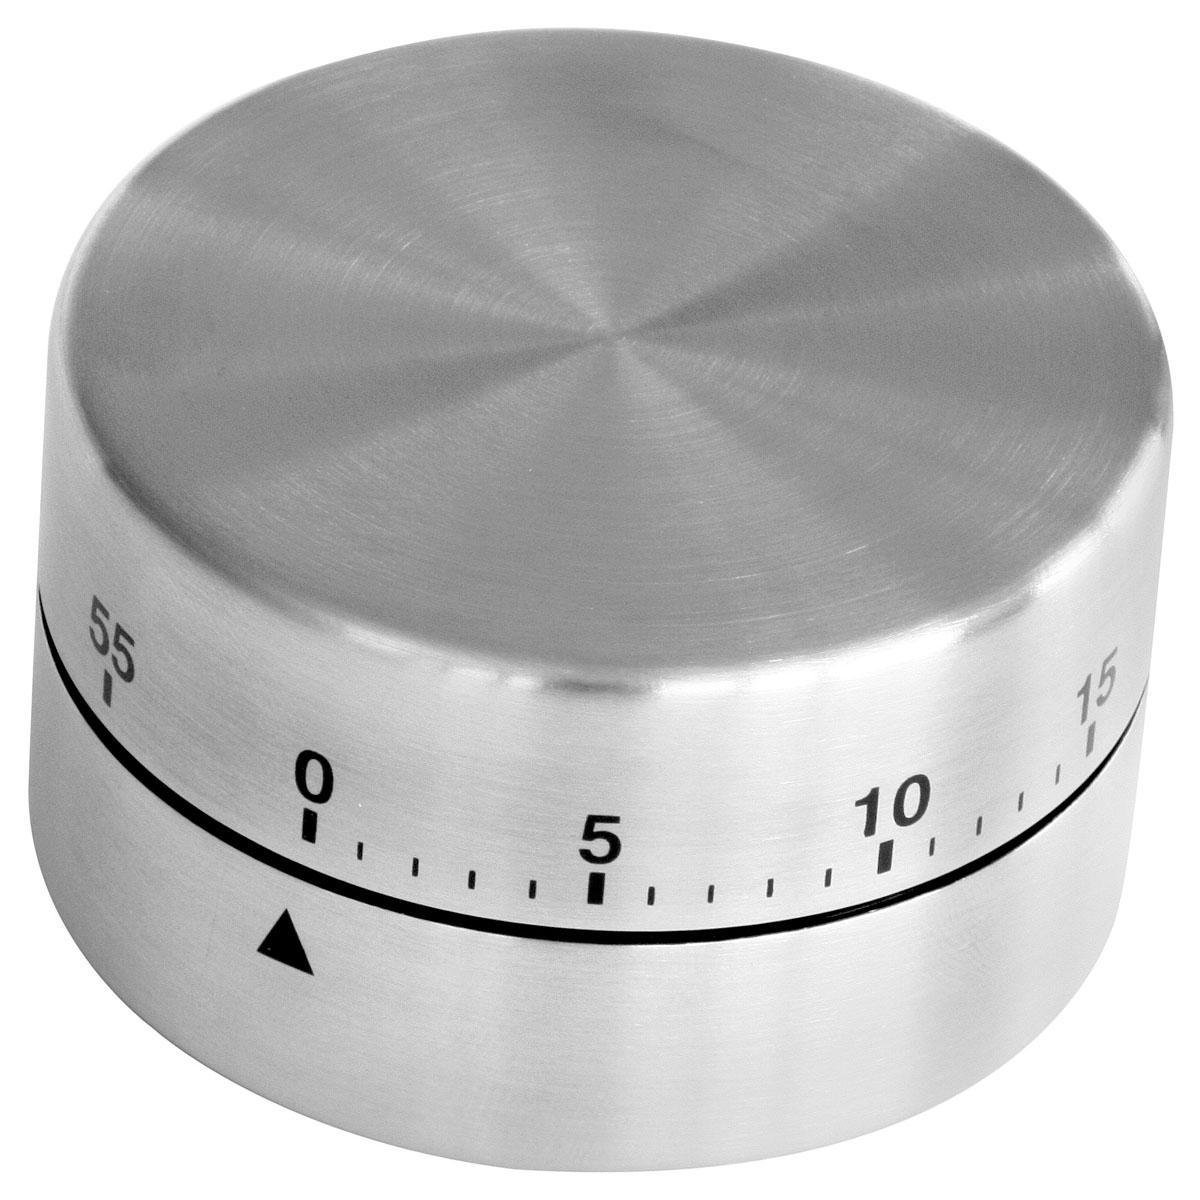 Таймер цилиндрический Zenker, на 60 минут41936Таймер кухонный Zenker изготовлен из нержавеющей стали. Максимальноевремя, на которое вы можете поставить таймер, составляет 60 минут. После того,как время истечет, таймер громко зазвенит.Оригинальный дизайн таймера украсит интерьер любой современной кухни, итеперь вы сможете без трудавскипятить молоко, отварить пельмени или вовремя вынуть из духовкиаппетитный пирог.Диаметр таймера: 6 см. Высота корпуса: 4 см.